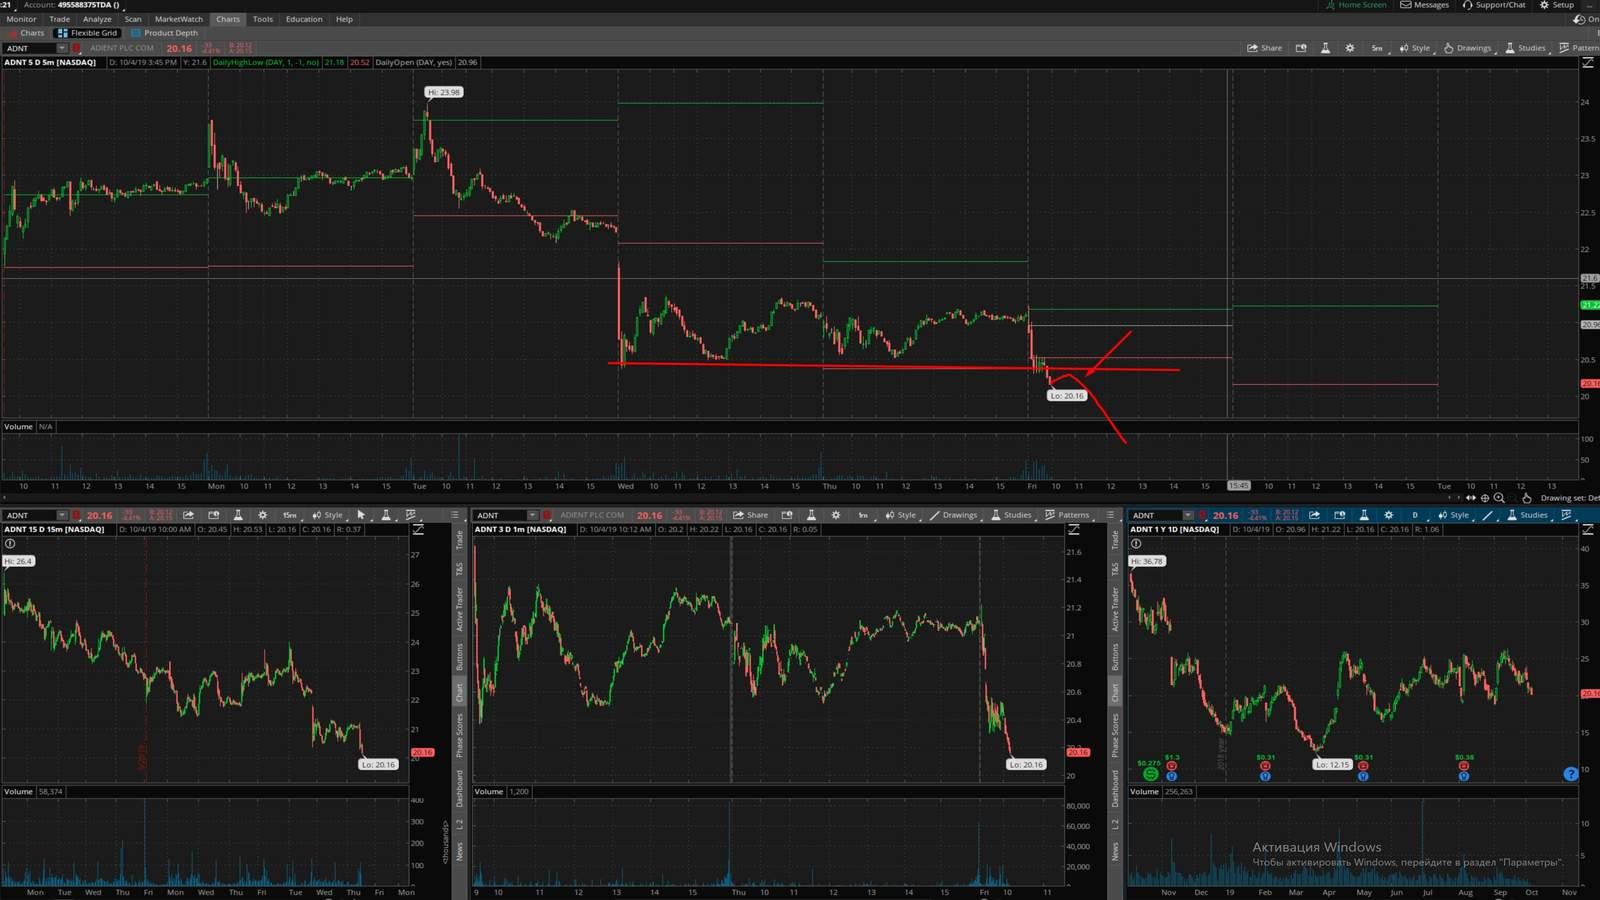 ADNT акция на фондовой бирже